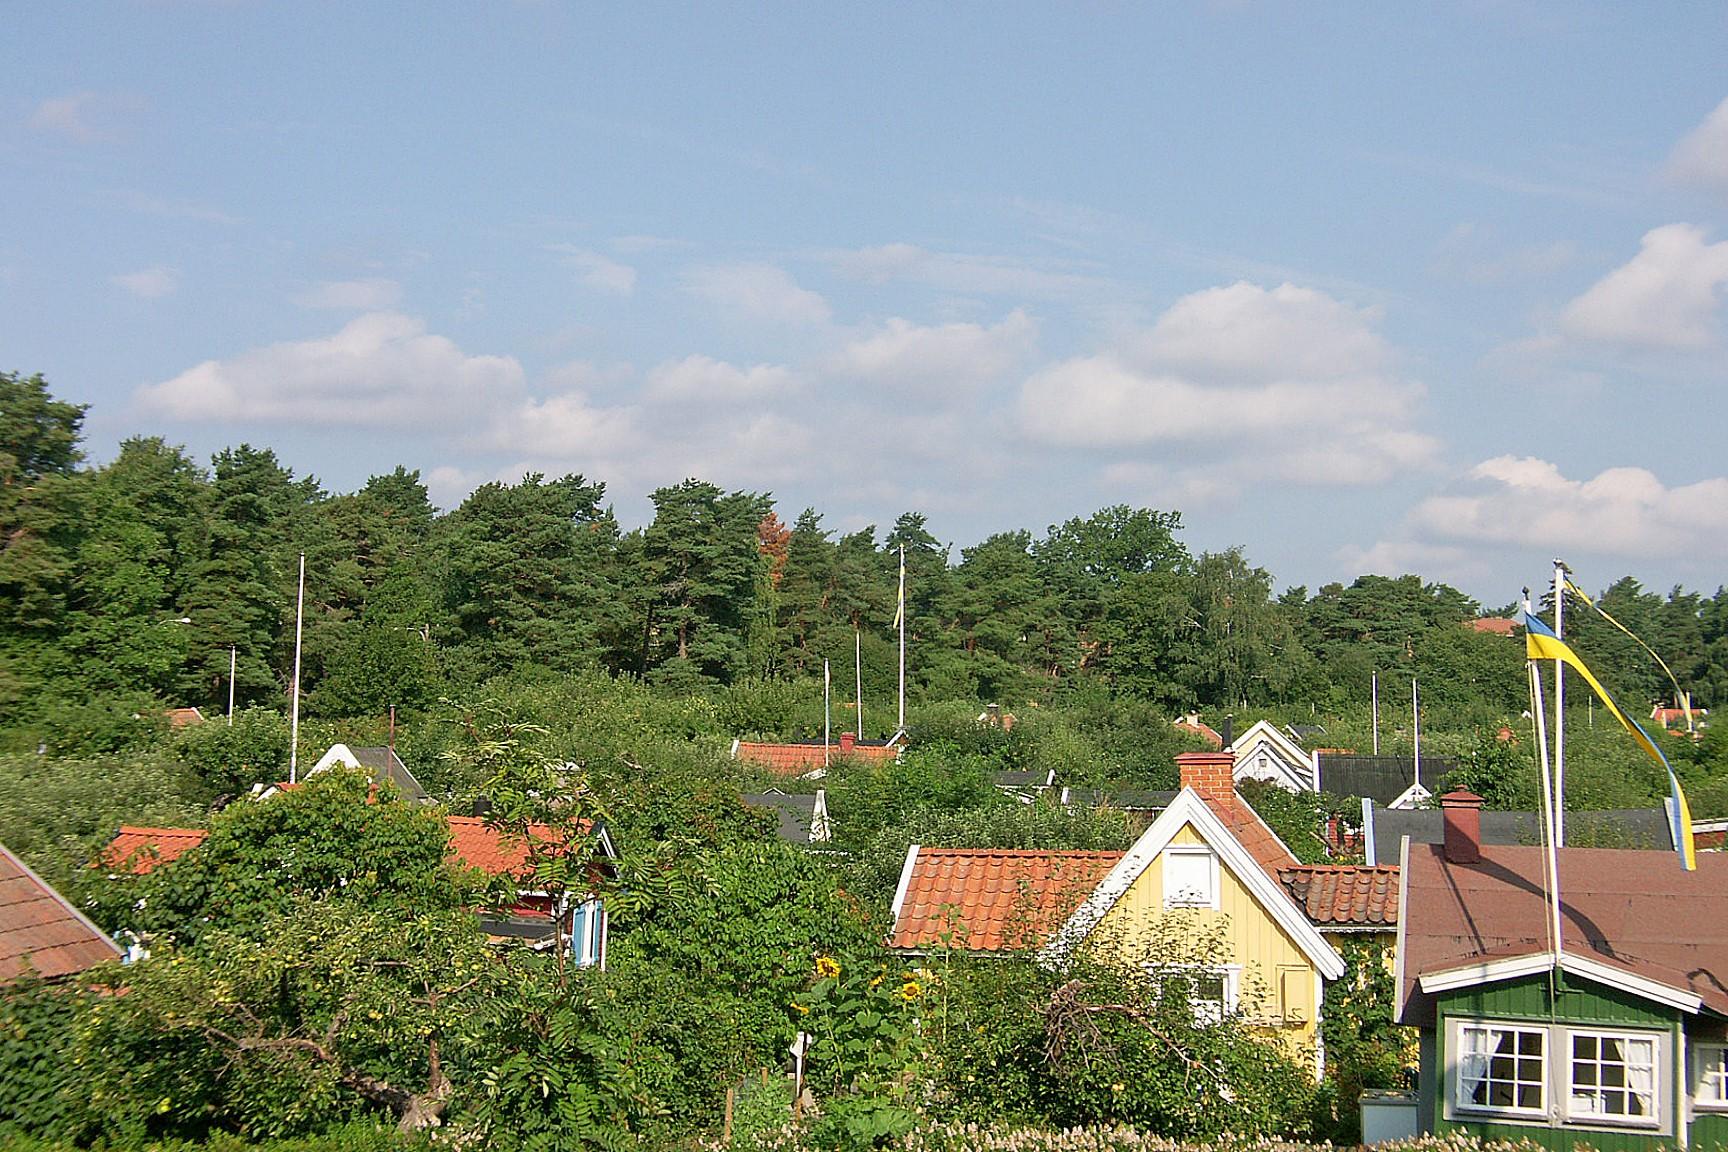 Granne med koloniträdgårdarna